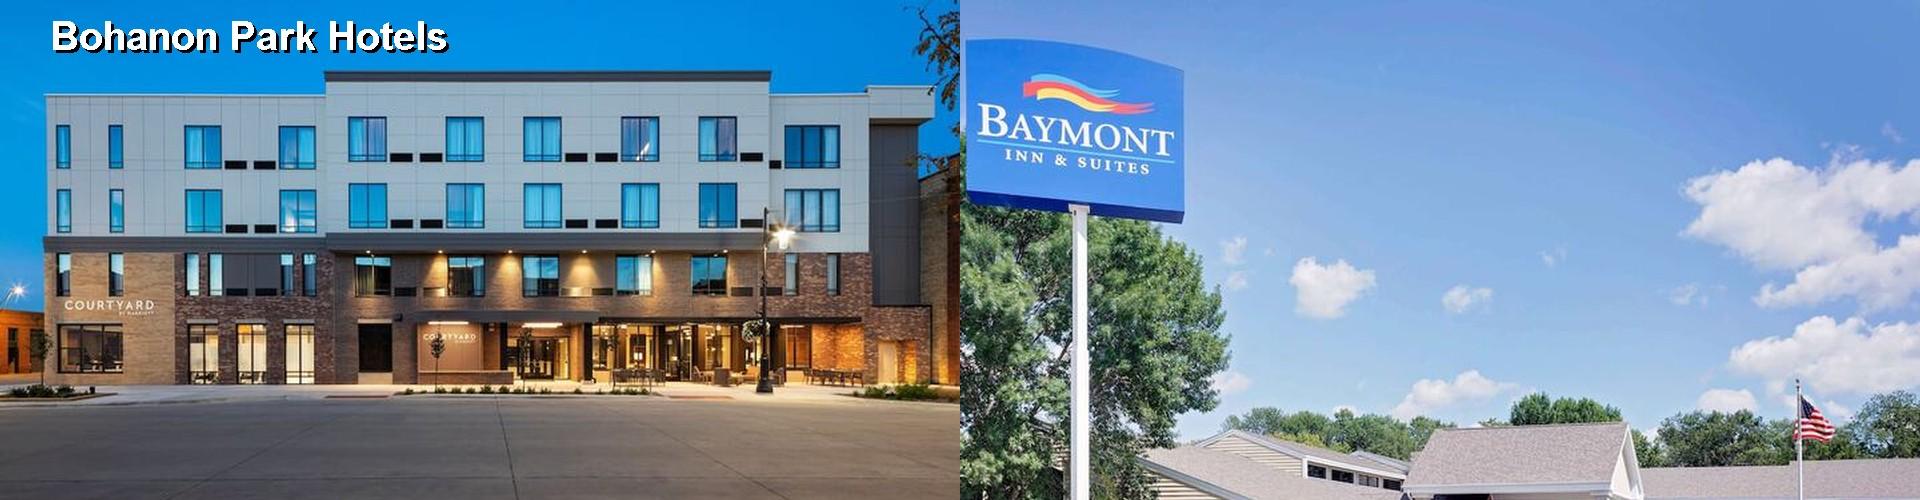 5 Best Hotels Near Bohanon Park